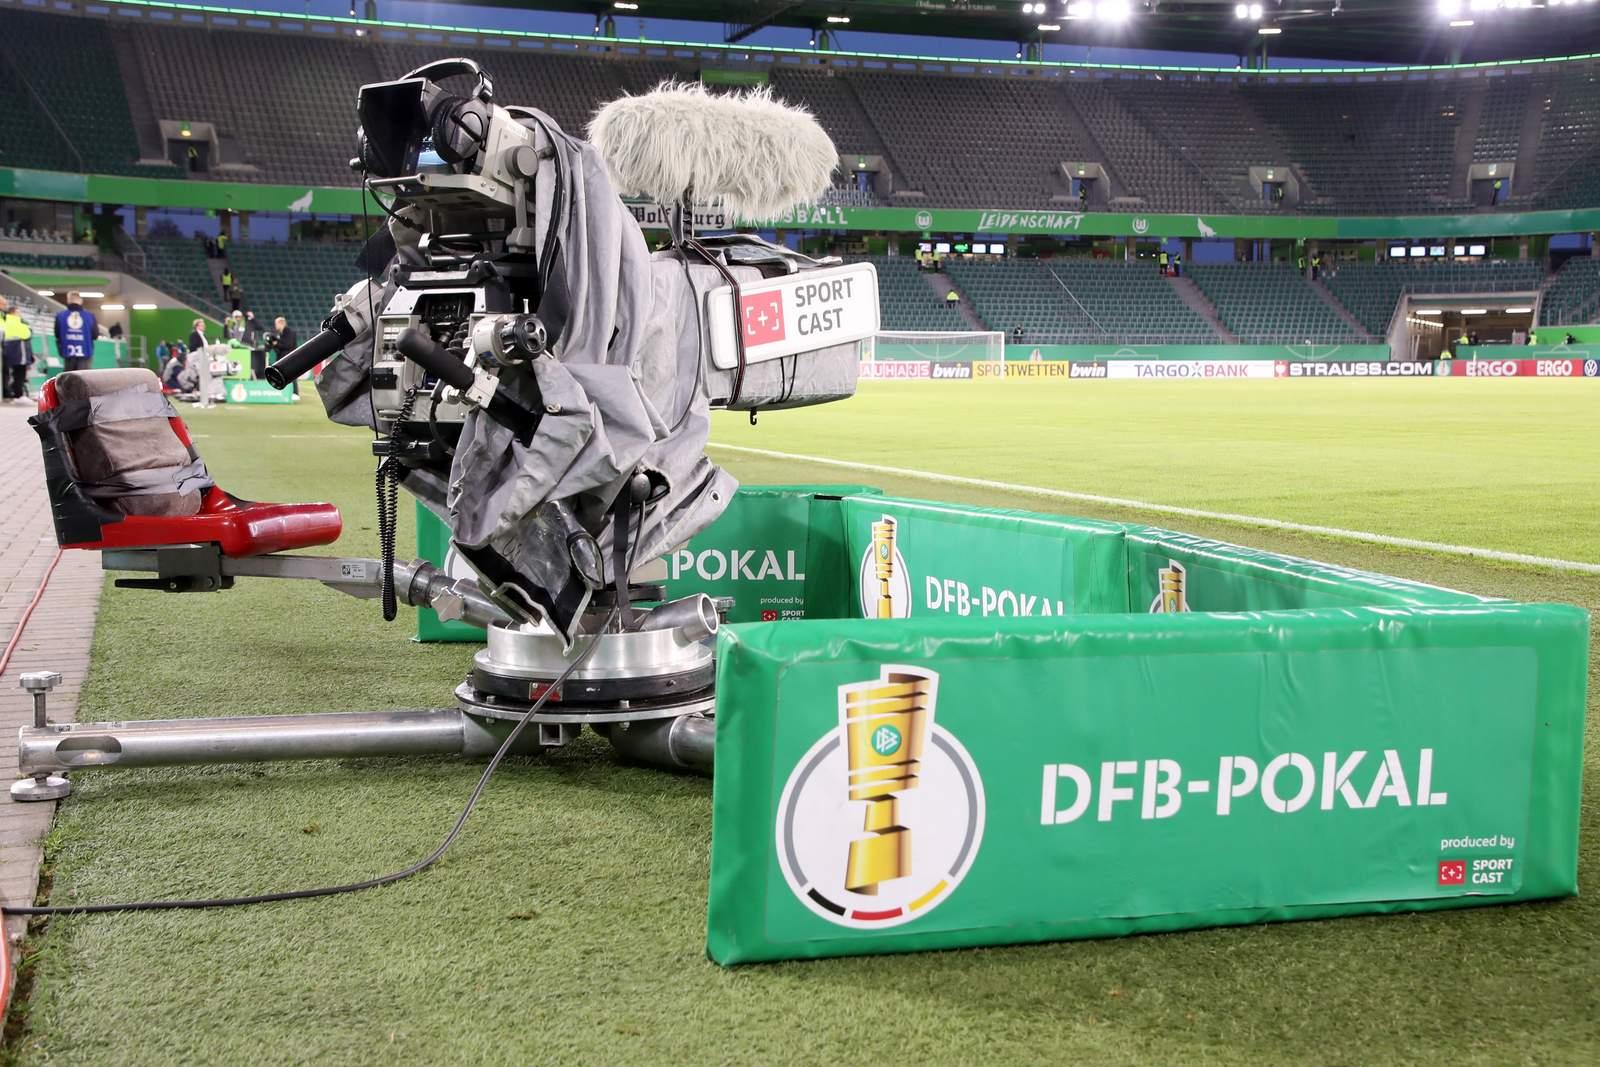 TV Kamera bei Spiel des DFB Pokal in Wolfsburg